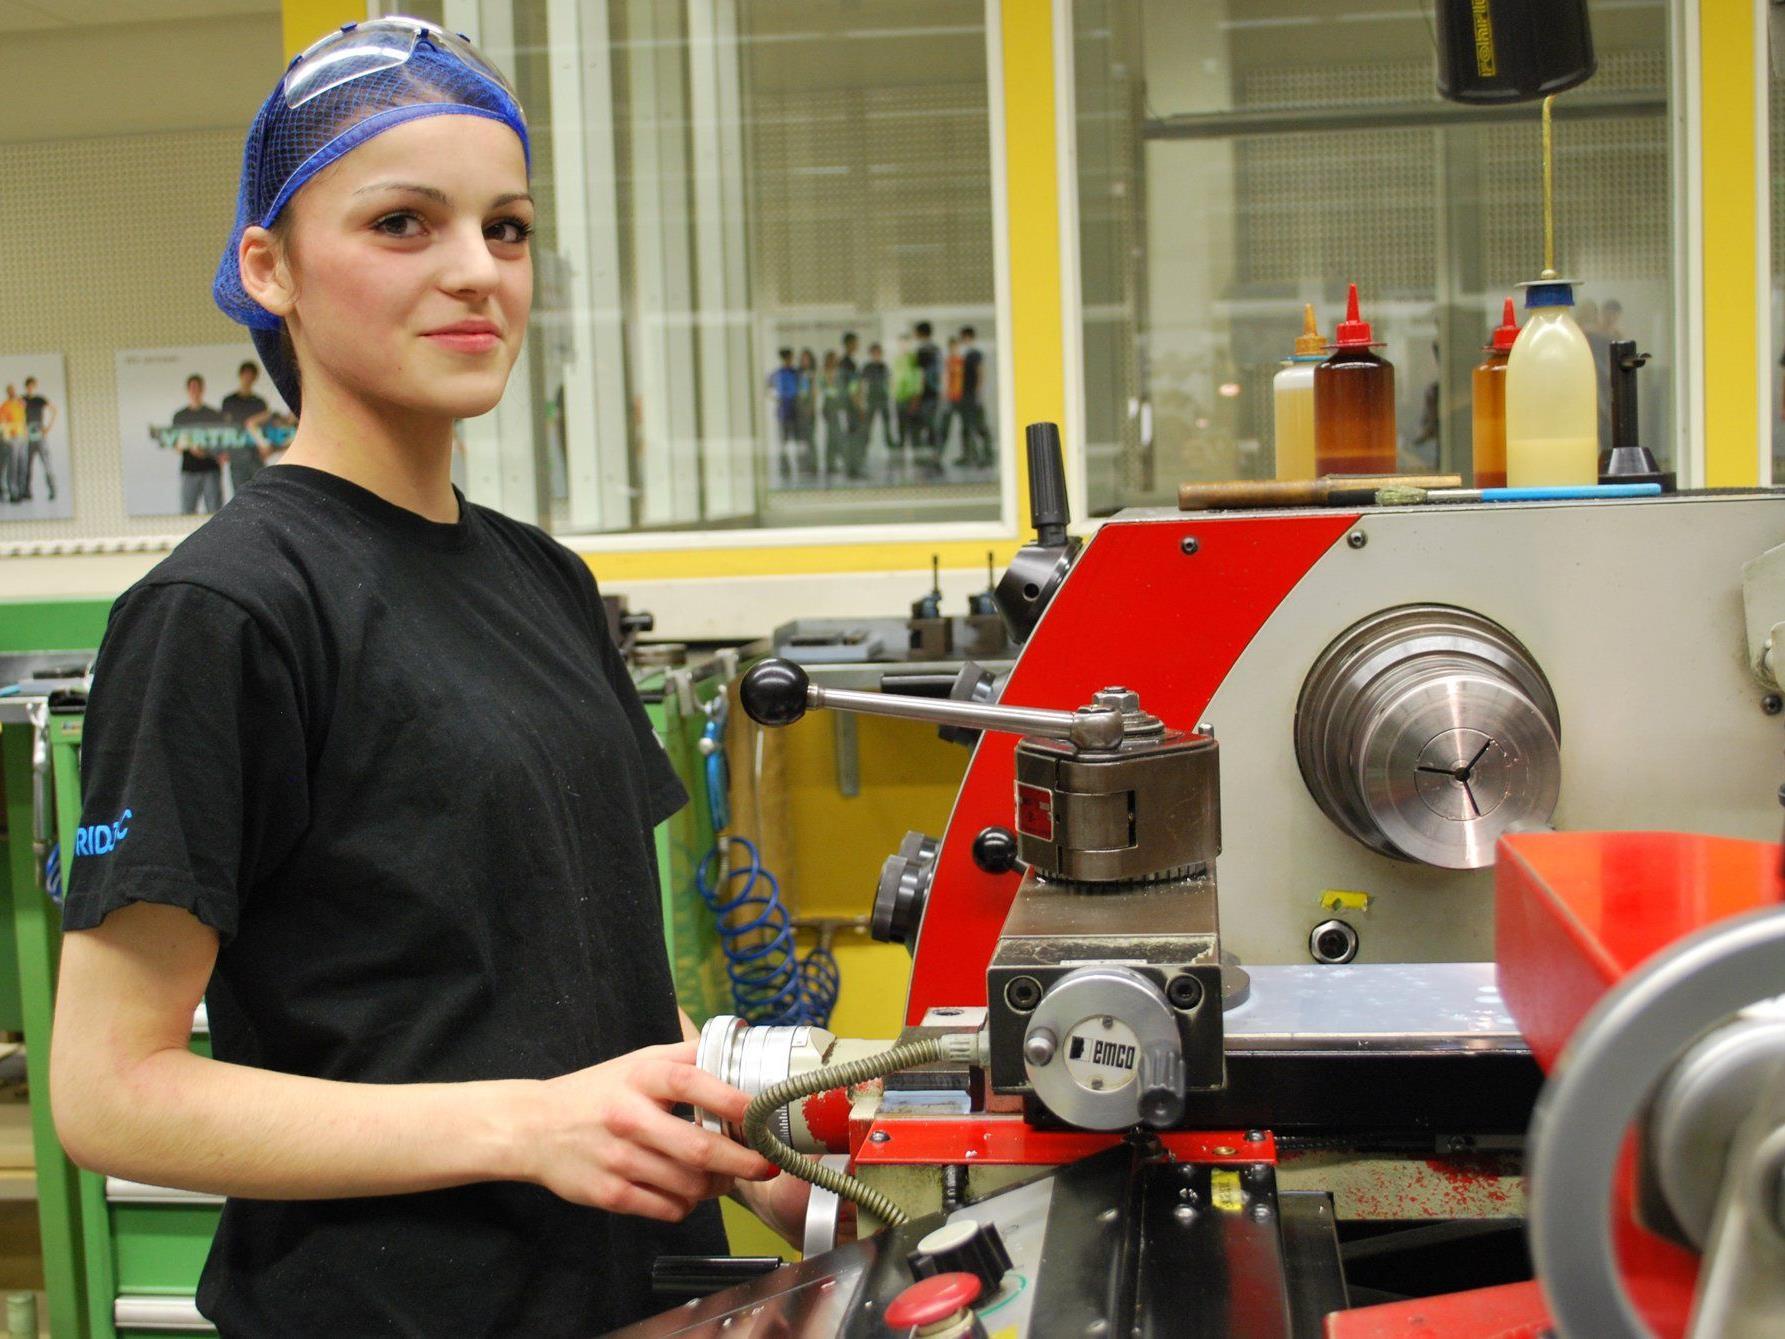 Kristina Delezan informiert über ihre Ausbildung zur Produktionstechnikerin